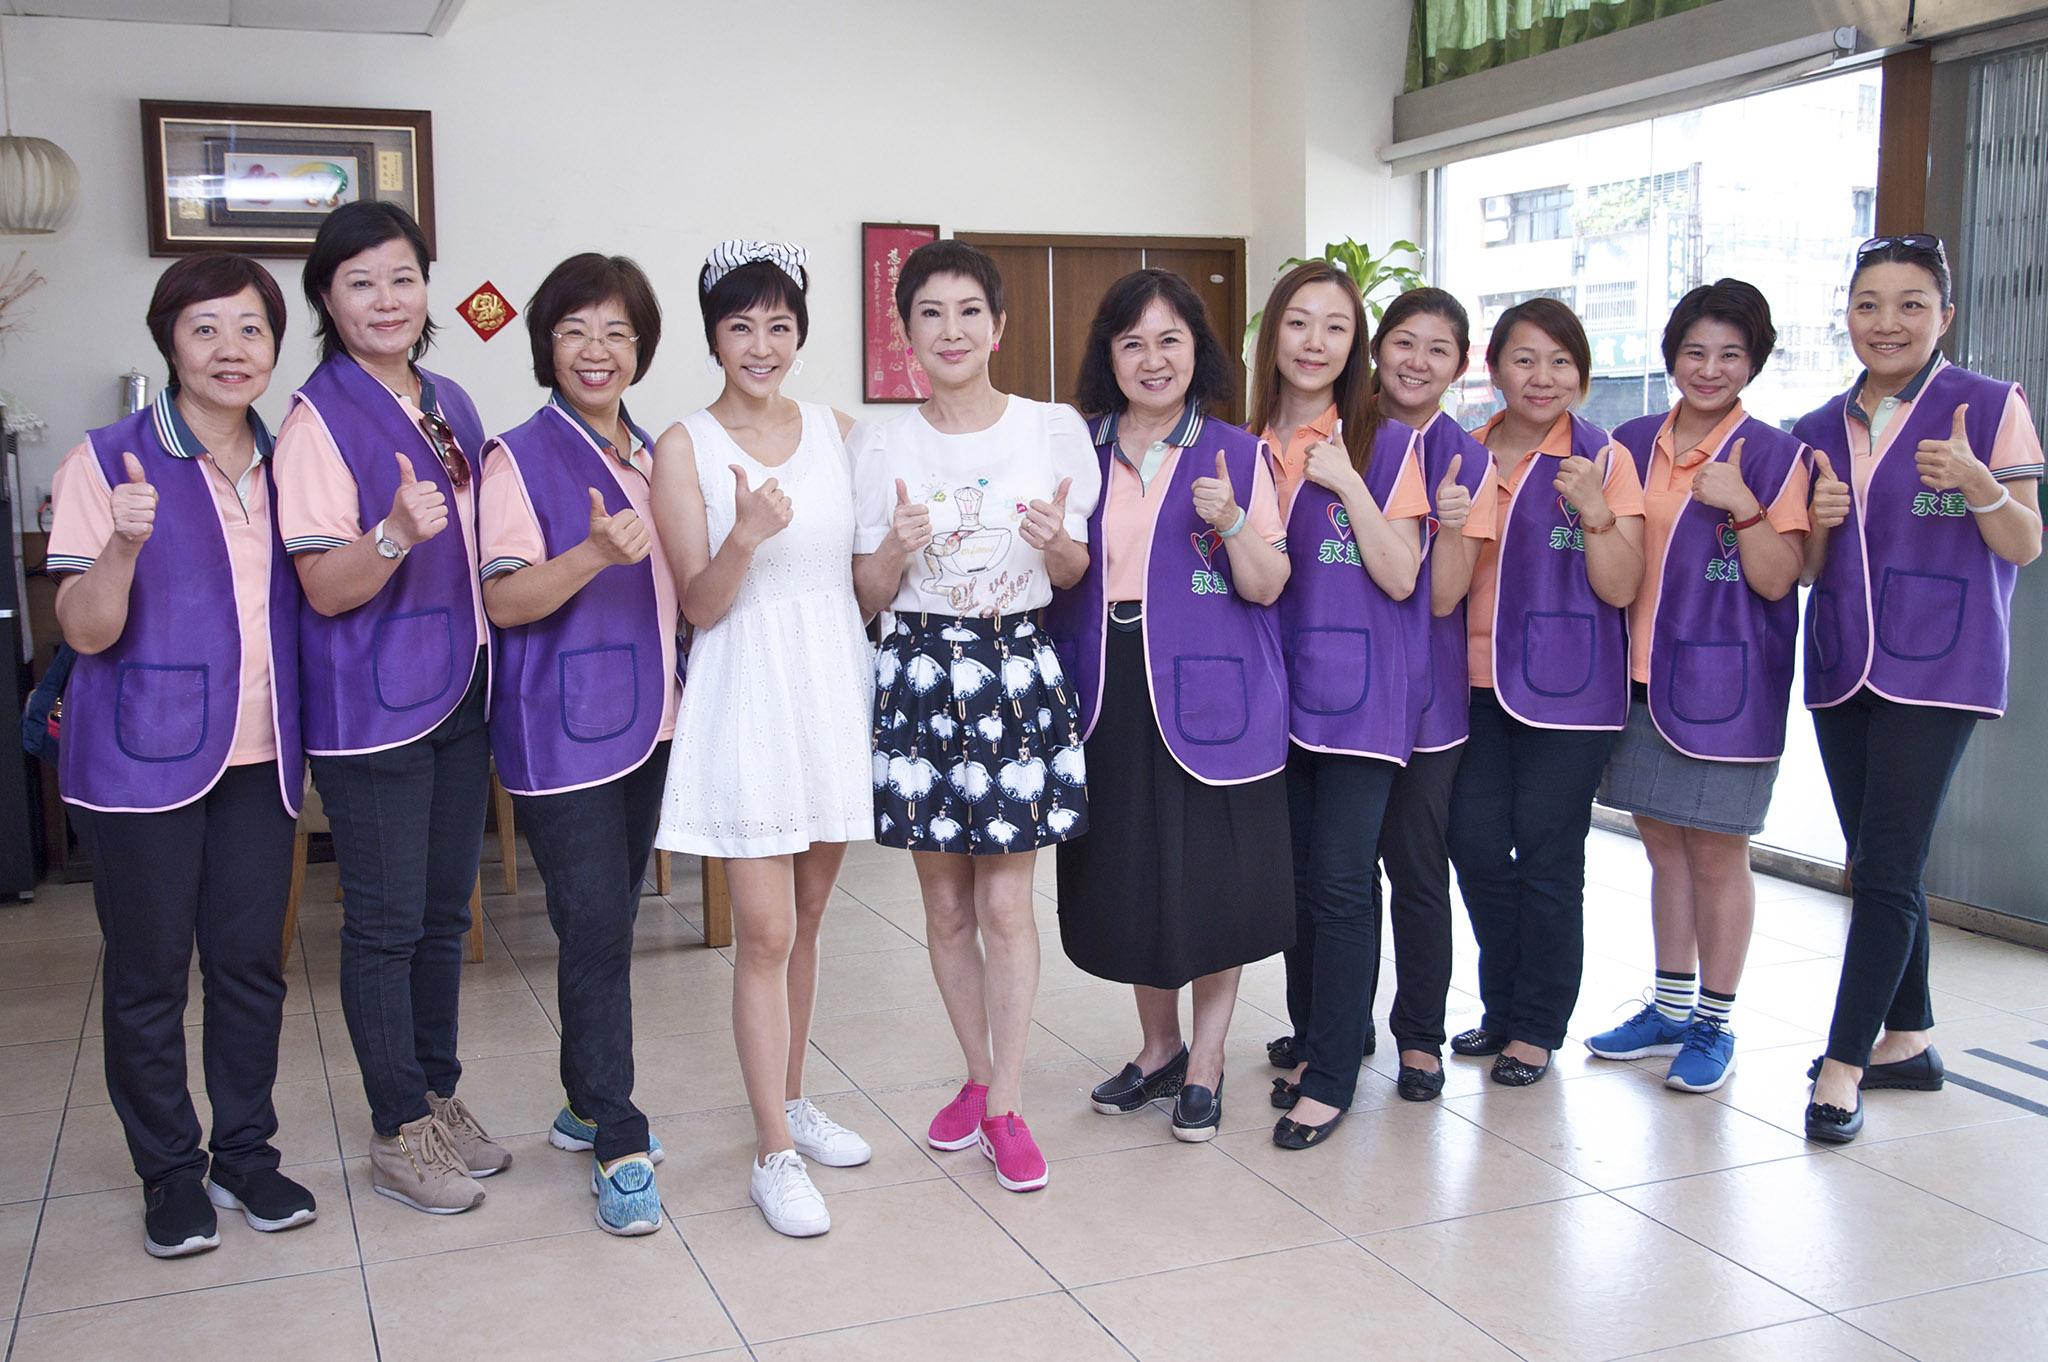 蔡瑩惠業務籌備副總(右6)帶領志工參與探訪。